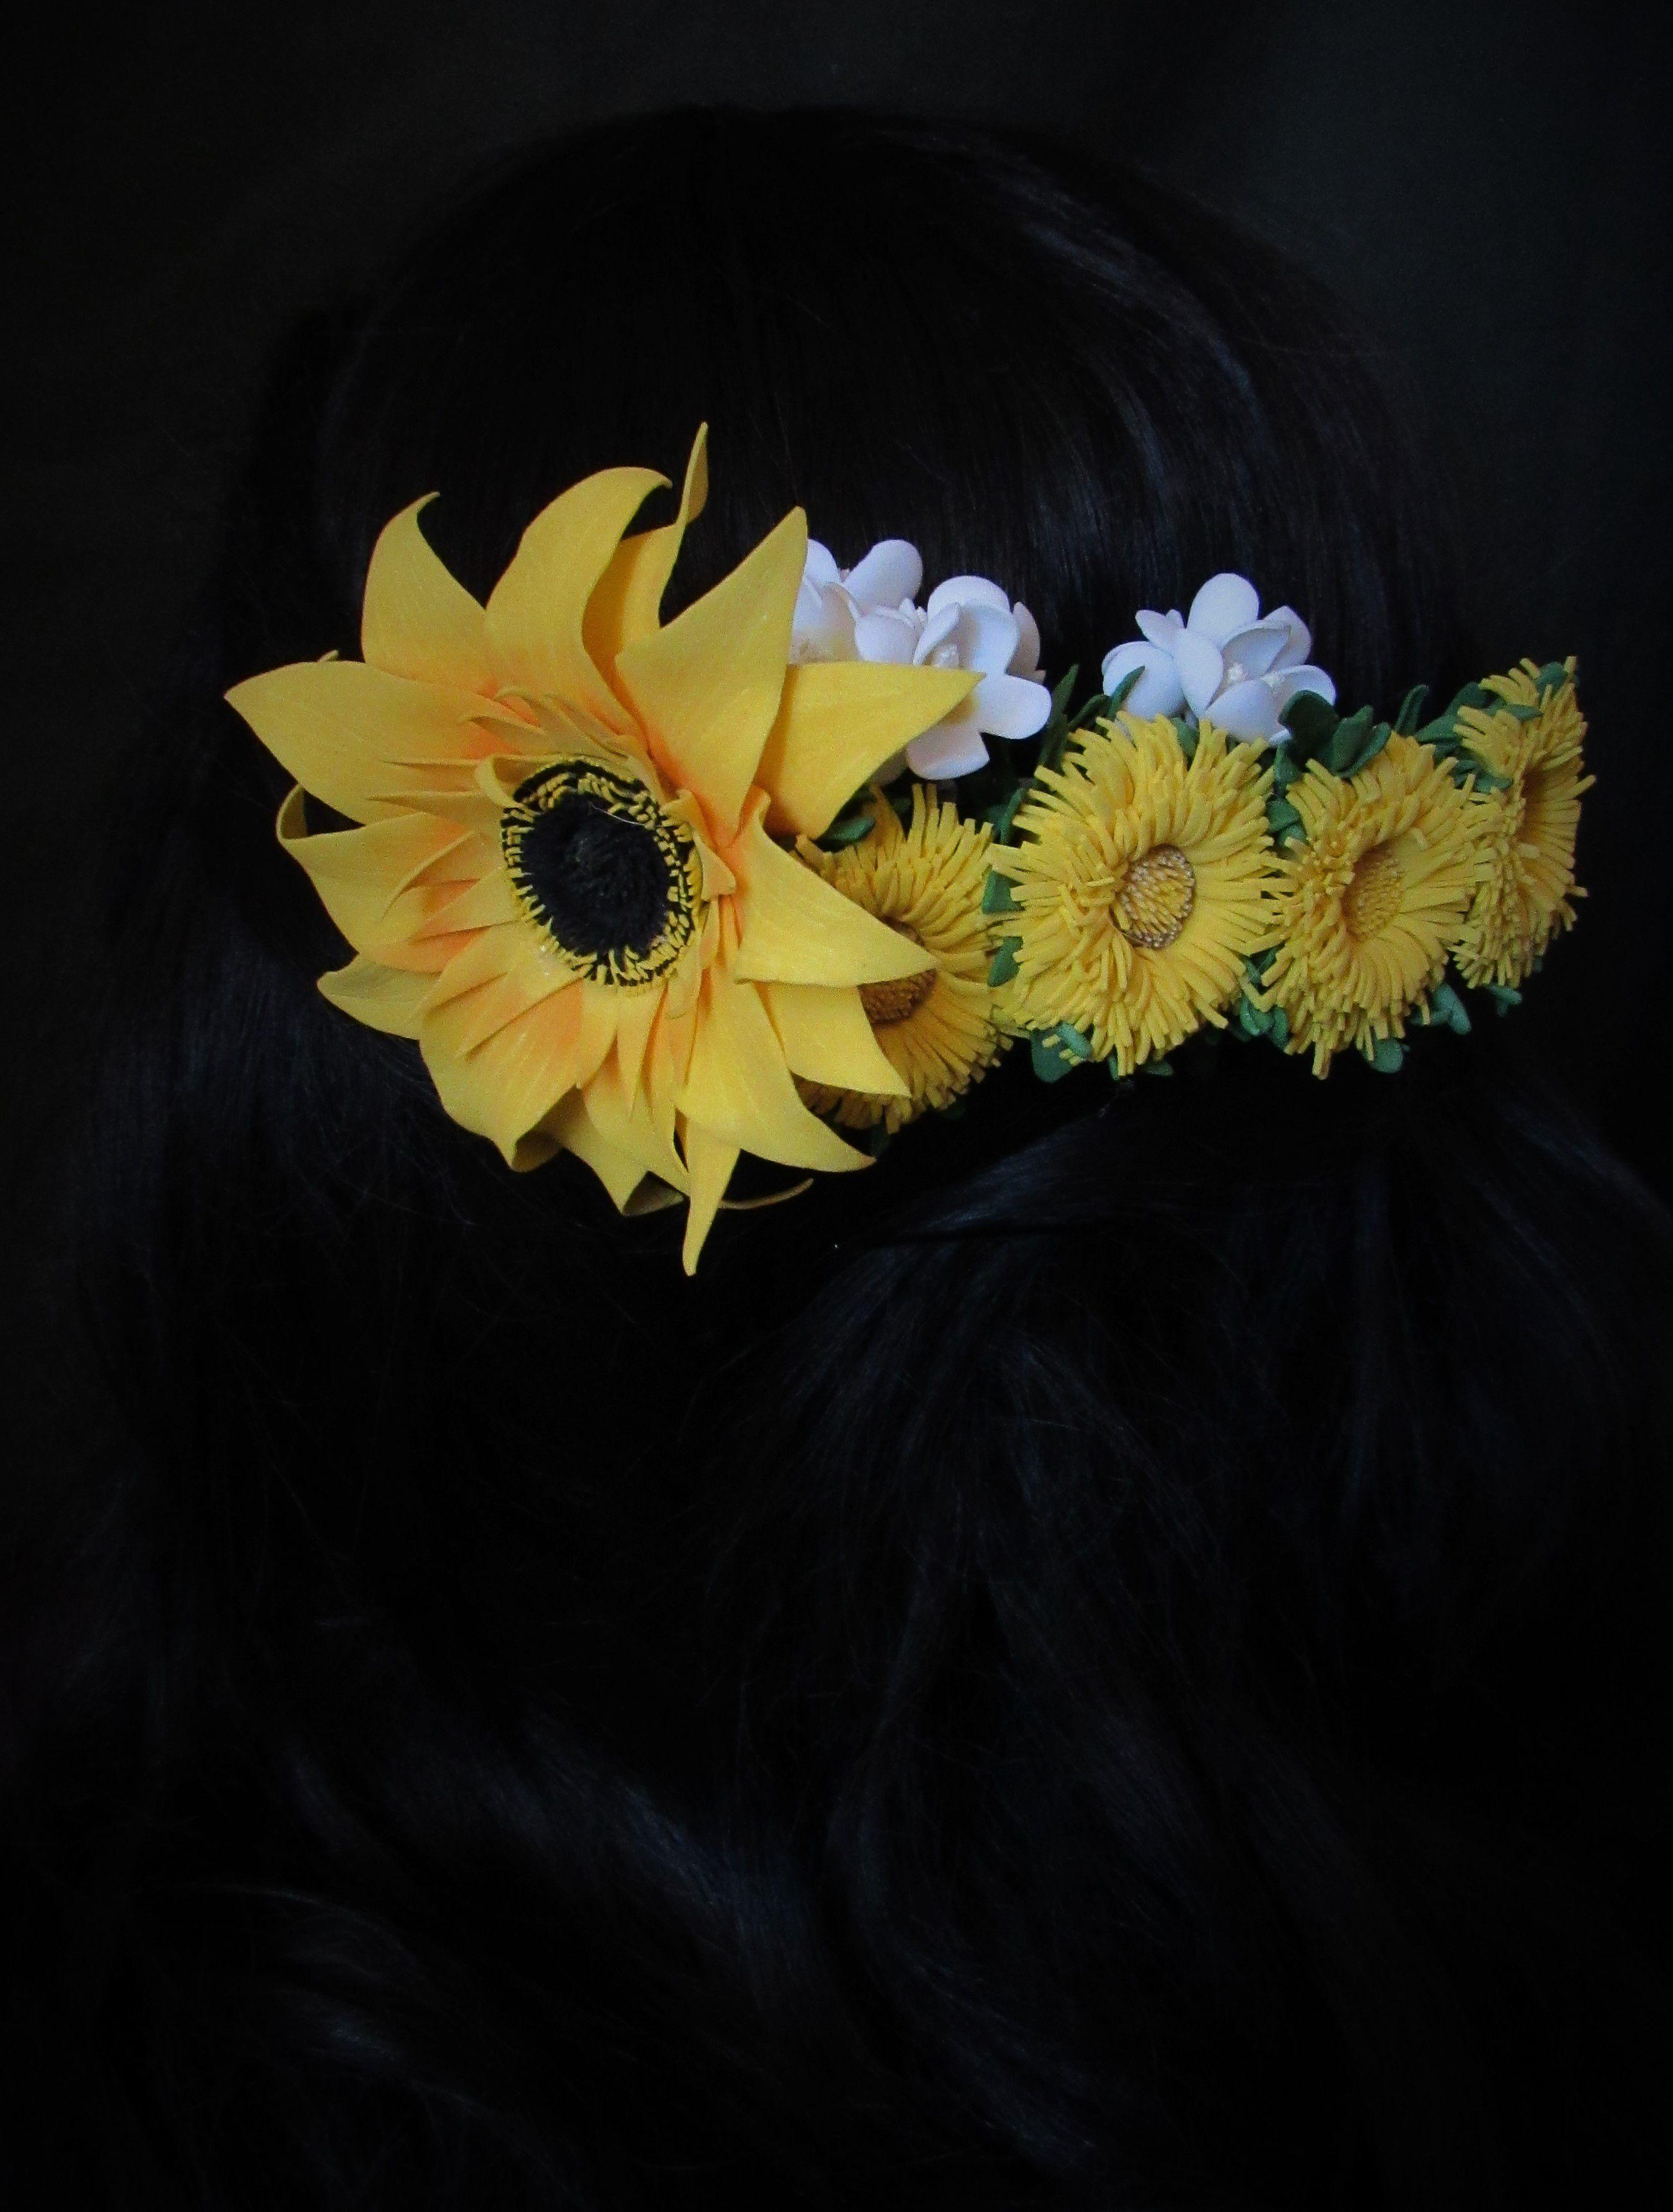 фоамирана подсолнухи одуванчики гребень из цветы